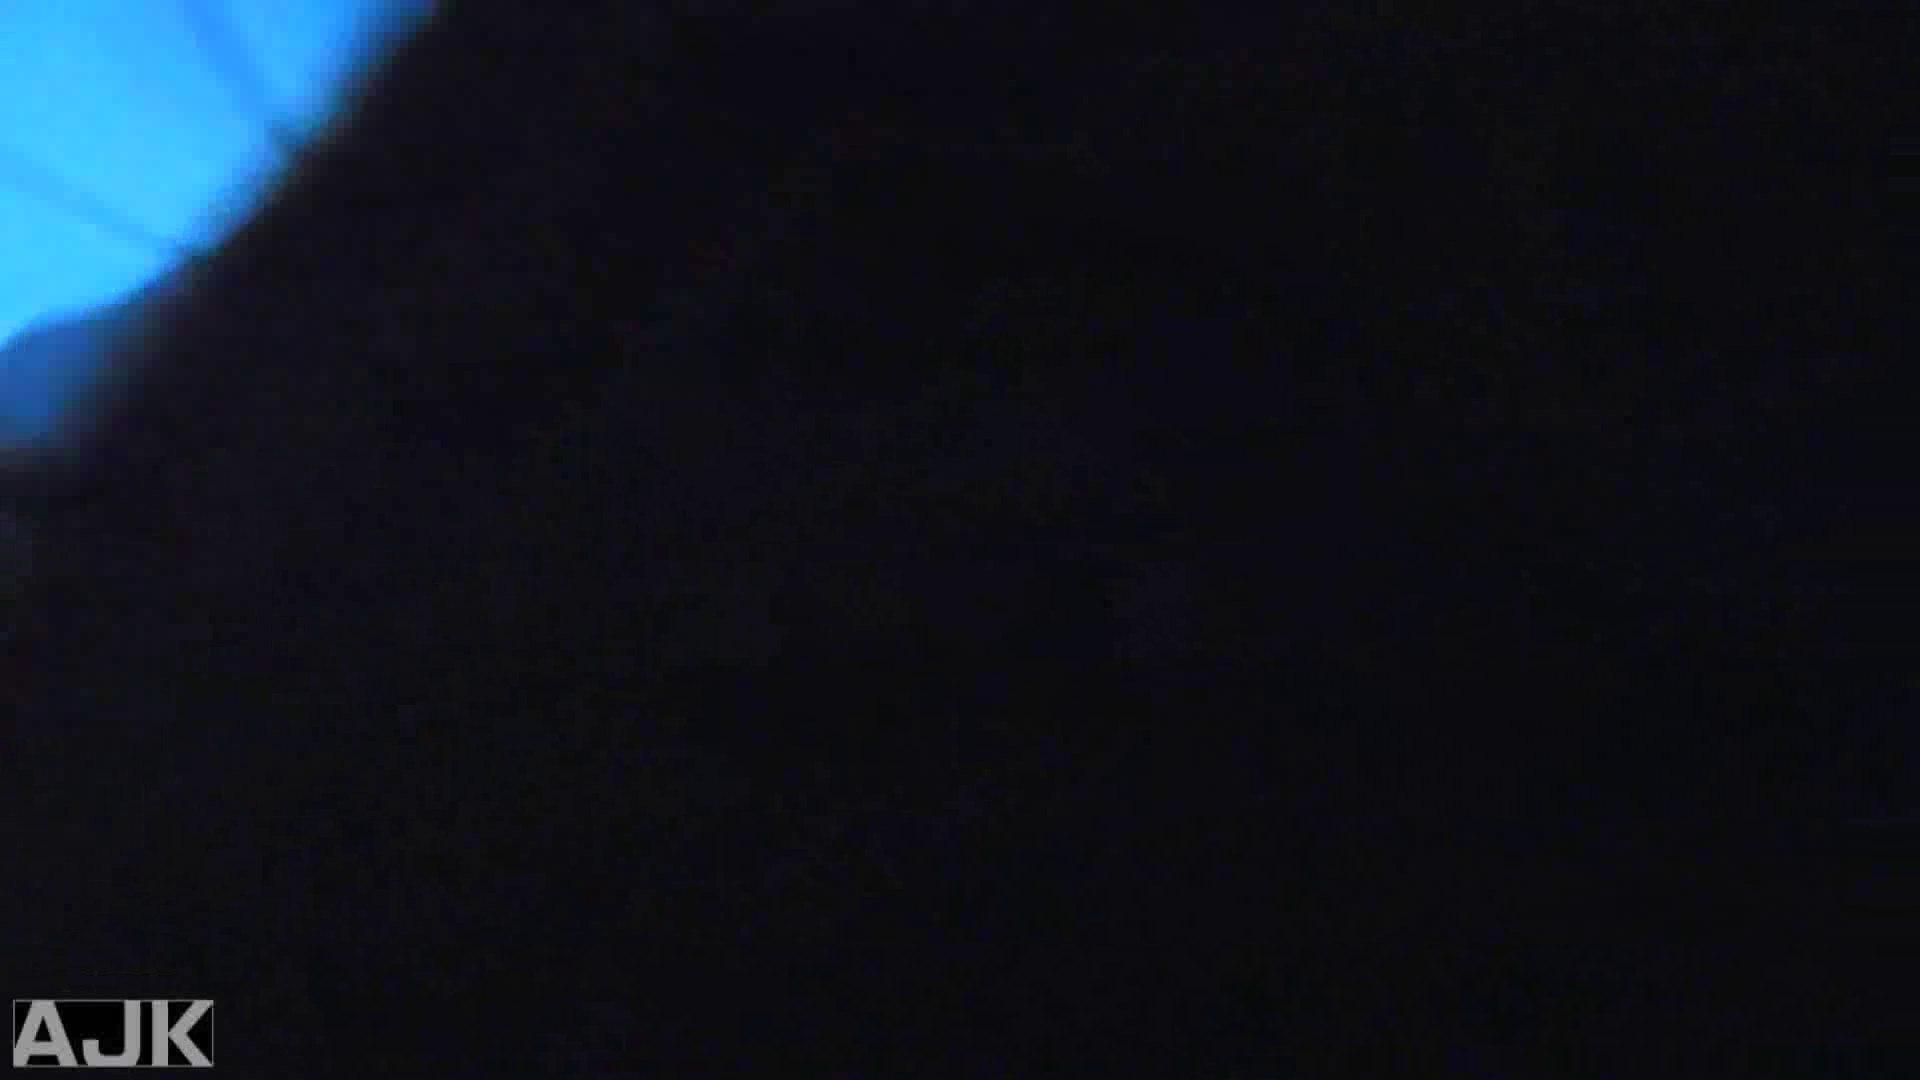 神降臨!史上最強の潜入かわや! vol.22 マンコエロすぎ 性交動画流出 112PIX 21